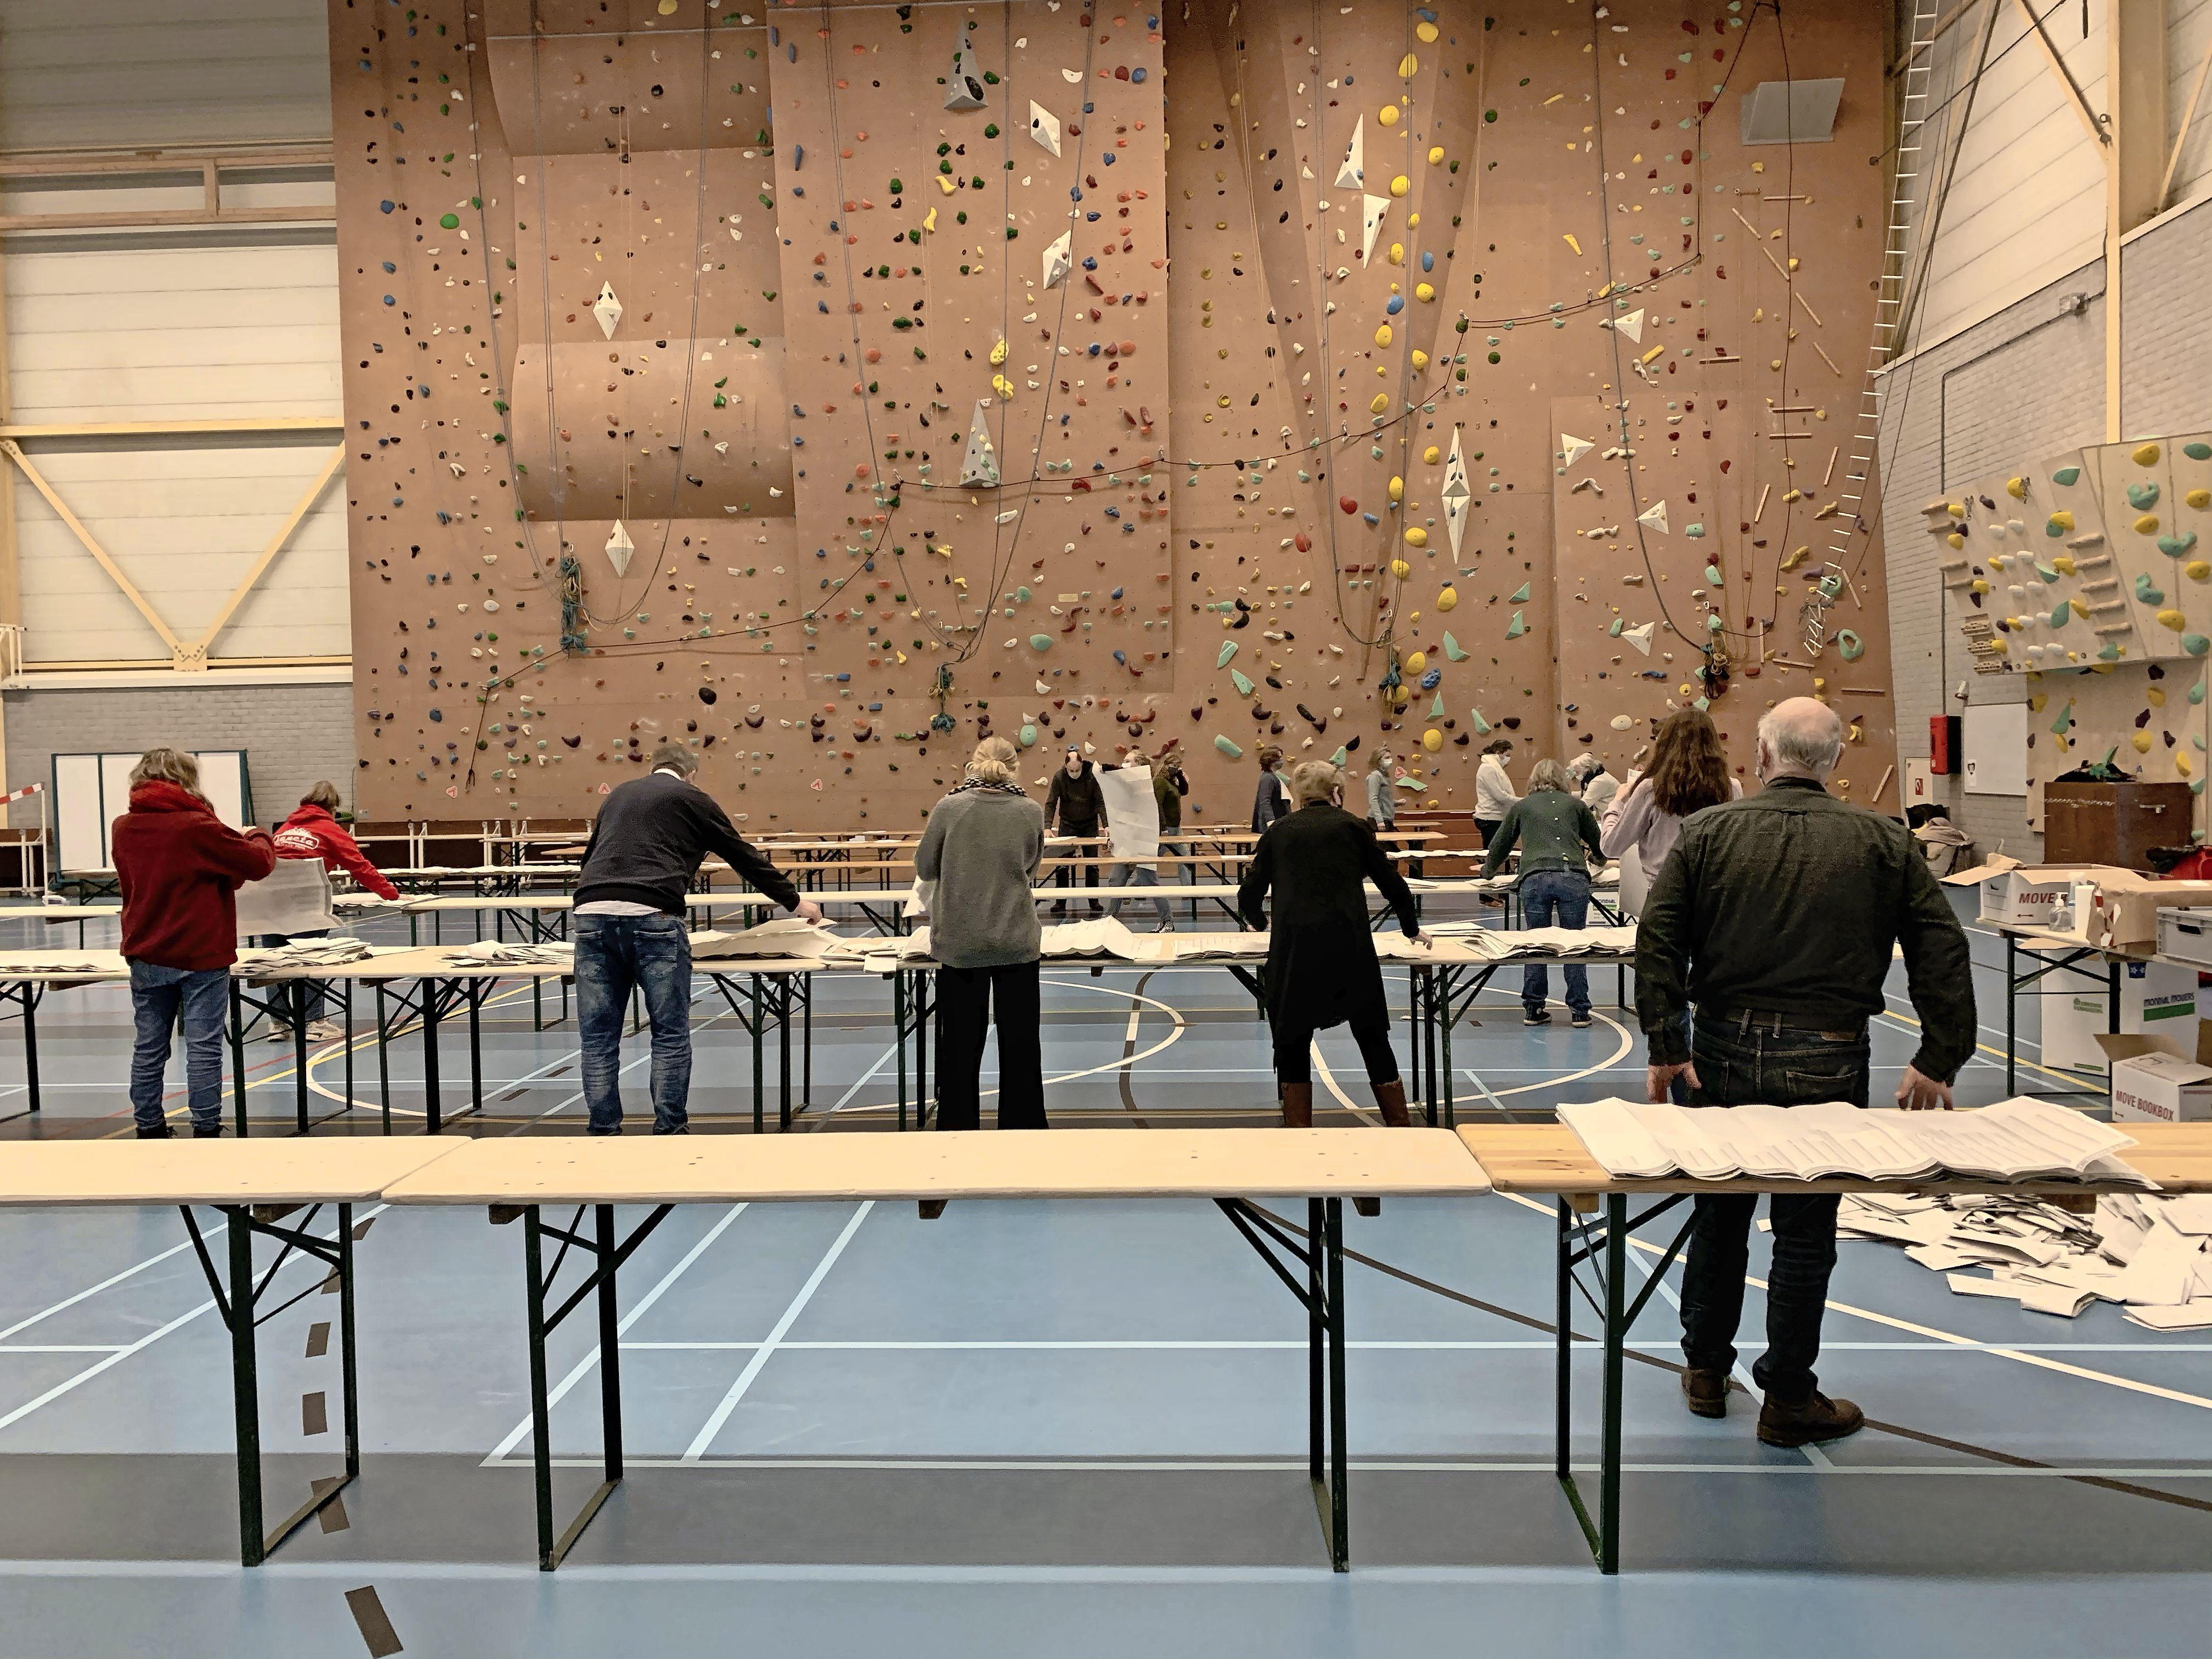 Uitvouwen. Stapelen. Sorteren. Op vijf ruime locaties worden woensdagavond alle stemmen van Haarlemse kiezers geteld